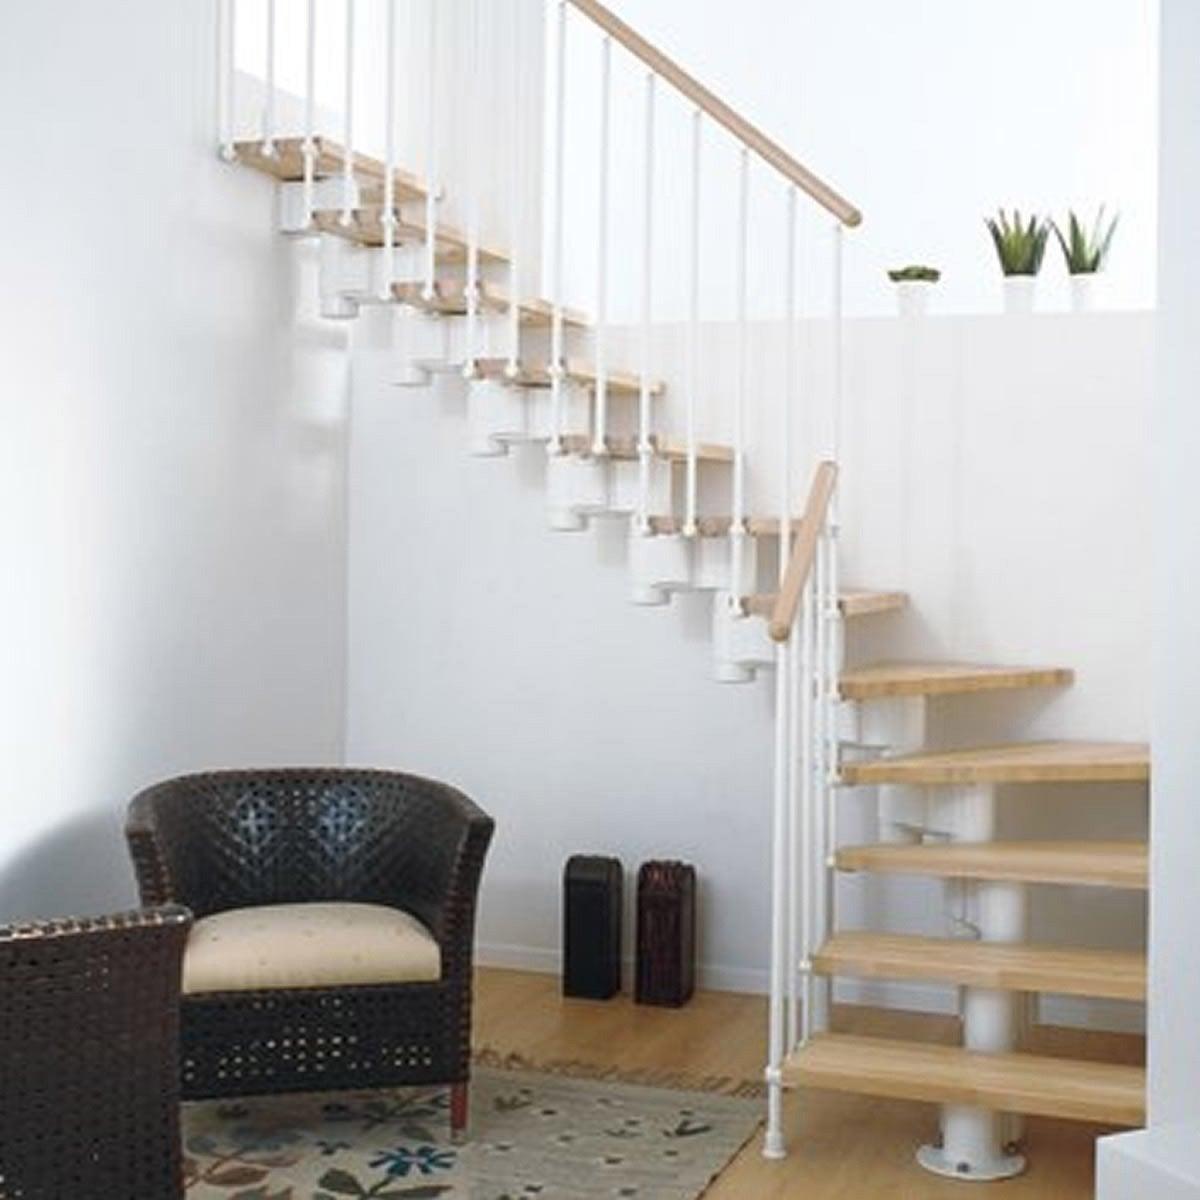 escalier modulaire long marches bois structure m tal. Black Bedroom Furniture Sets. Home Design Ideas